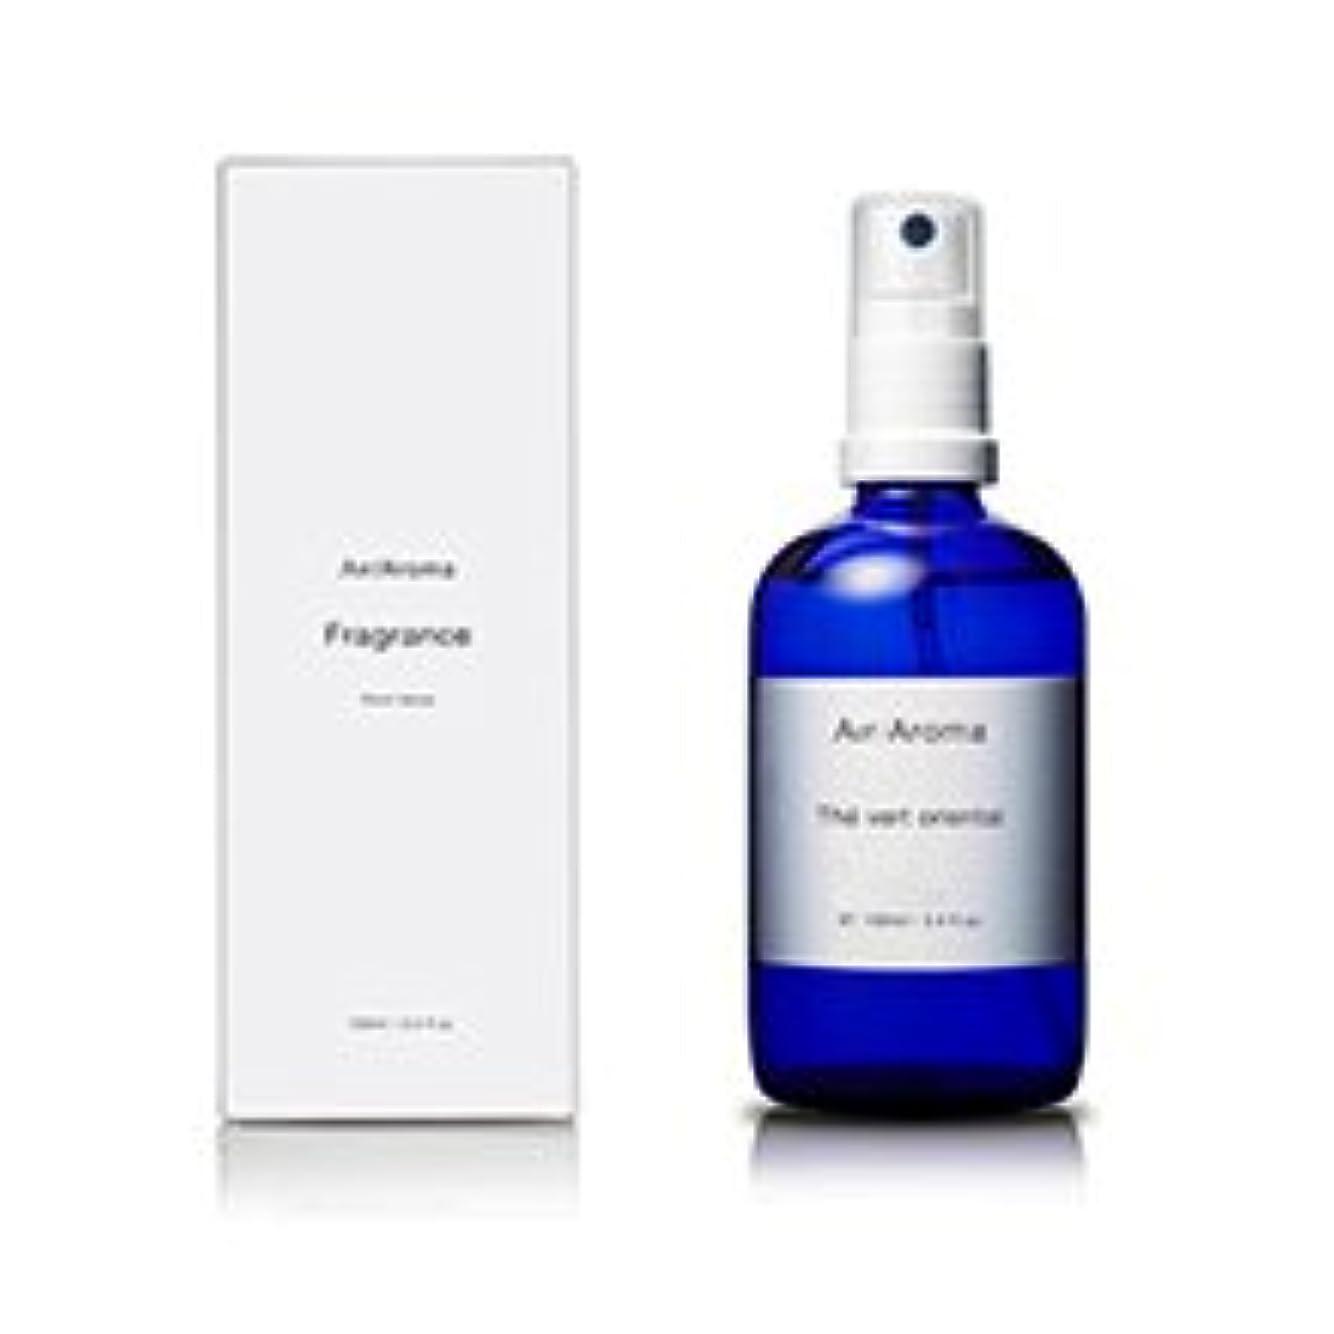 不道徳混乱妻エアアロマ the vert oriental room fragrance(テヴェールオリエンタル ルームフレグランス) 100ml